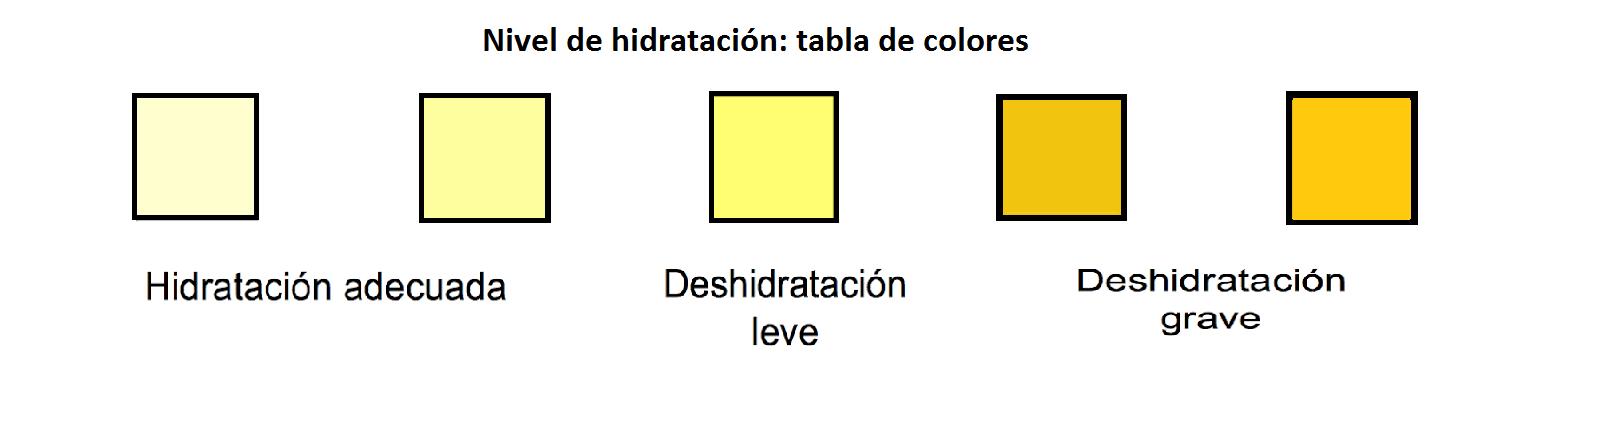 Resultado de imagen de color orina hidratacion